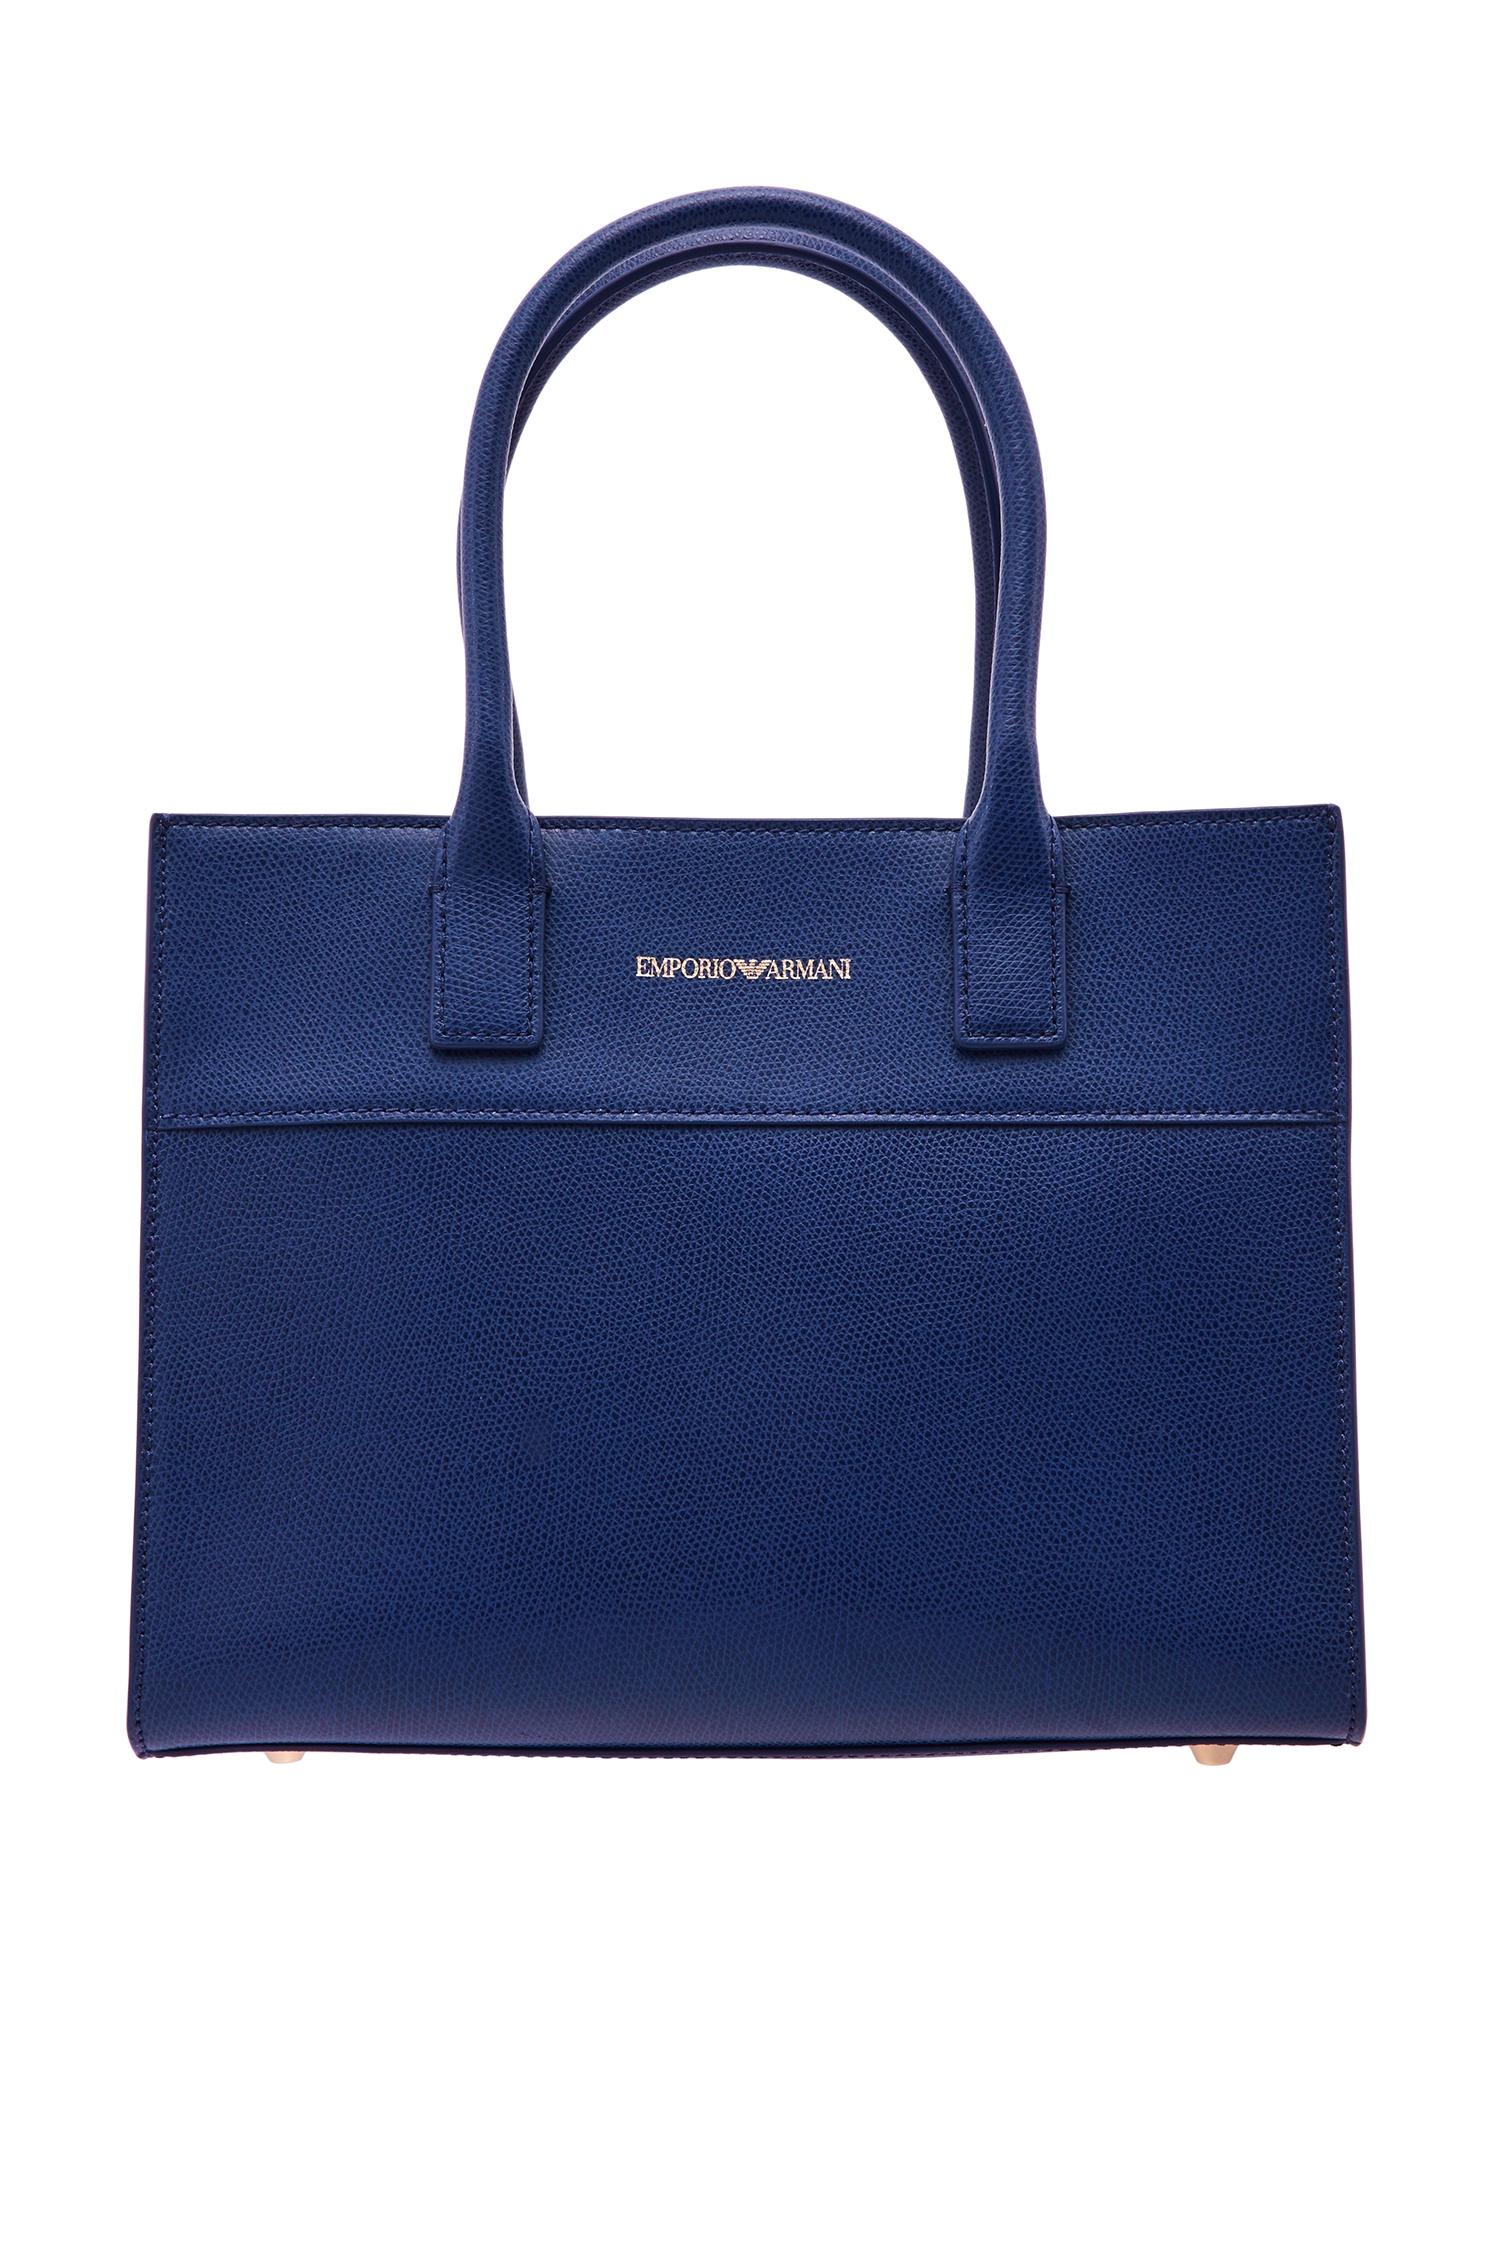 56c2142c9af3 Синяя кожаная сумка Emporio Armani – купить в интернет-магазине в Москве